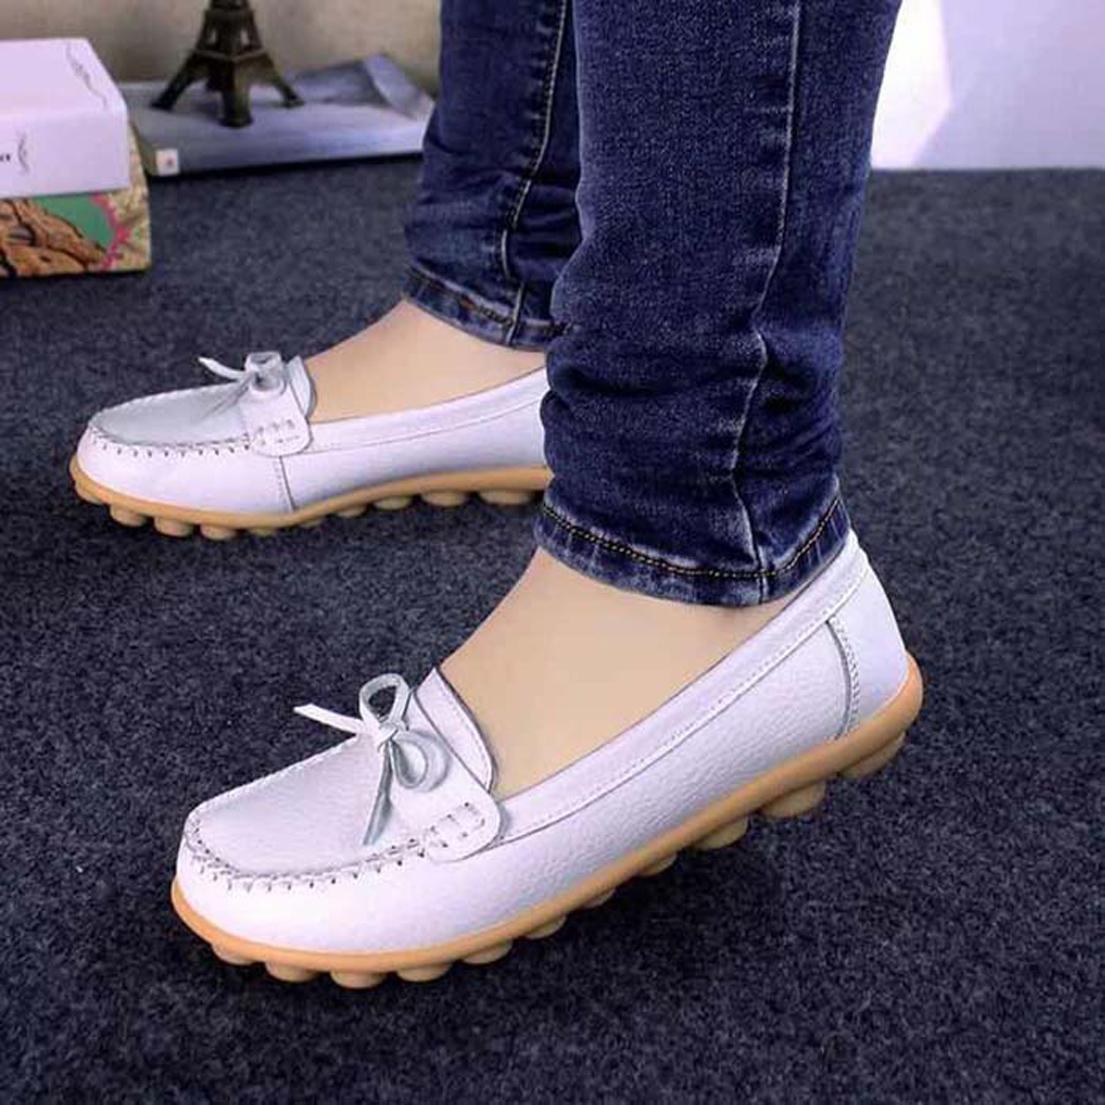 Avec boîte femme chaussons chaussure Heels Sandales cuir véritable de haute qualité Chaussons Mode Scuffs Pantoufles chaussures de sport gratuite DHL 02PX535